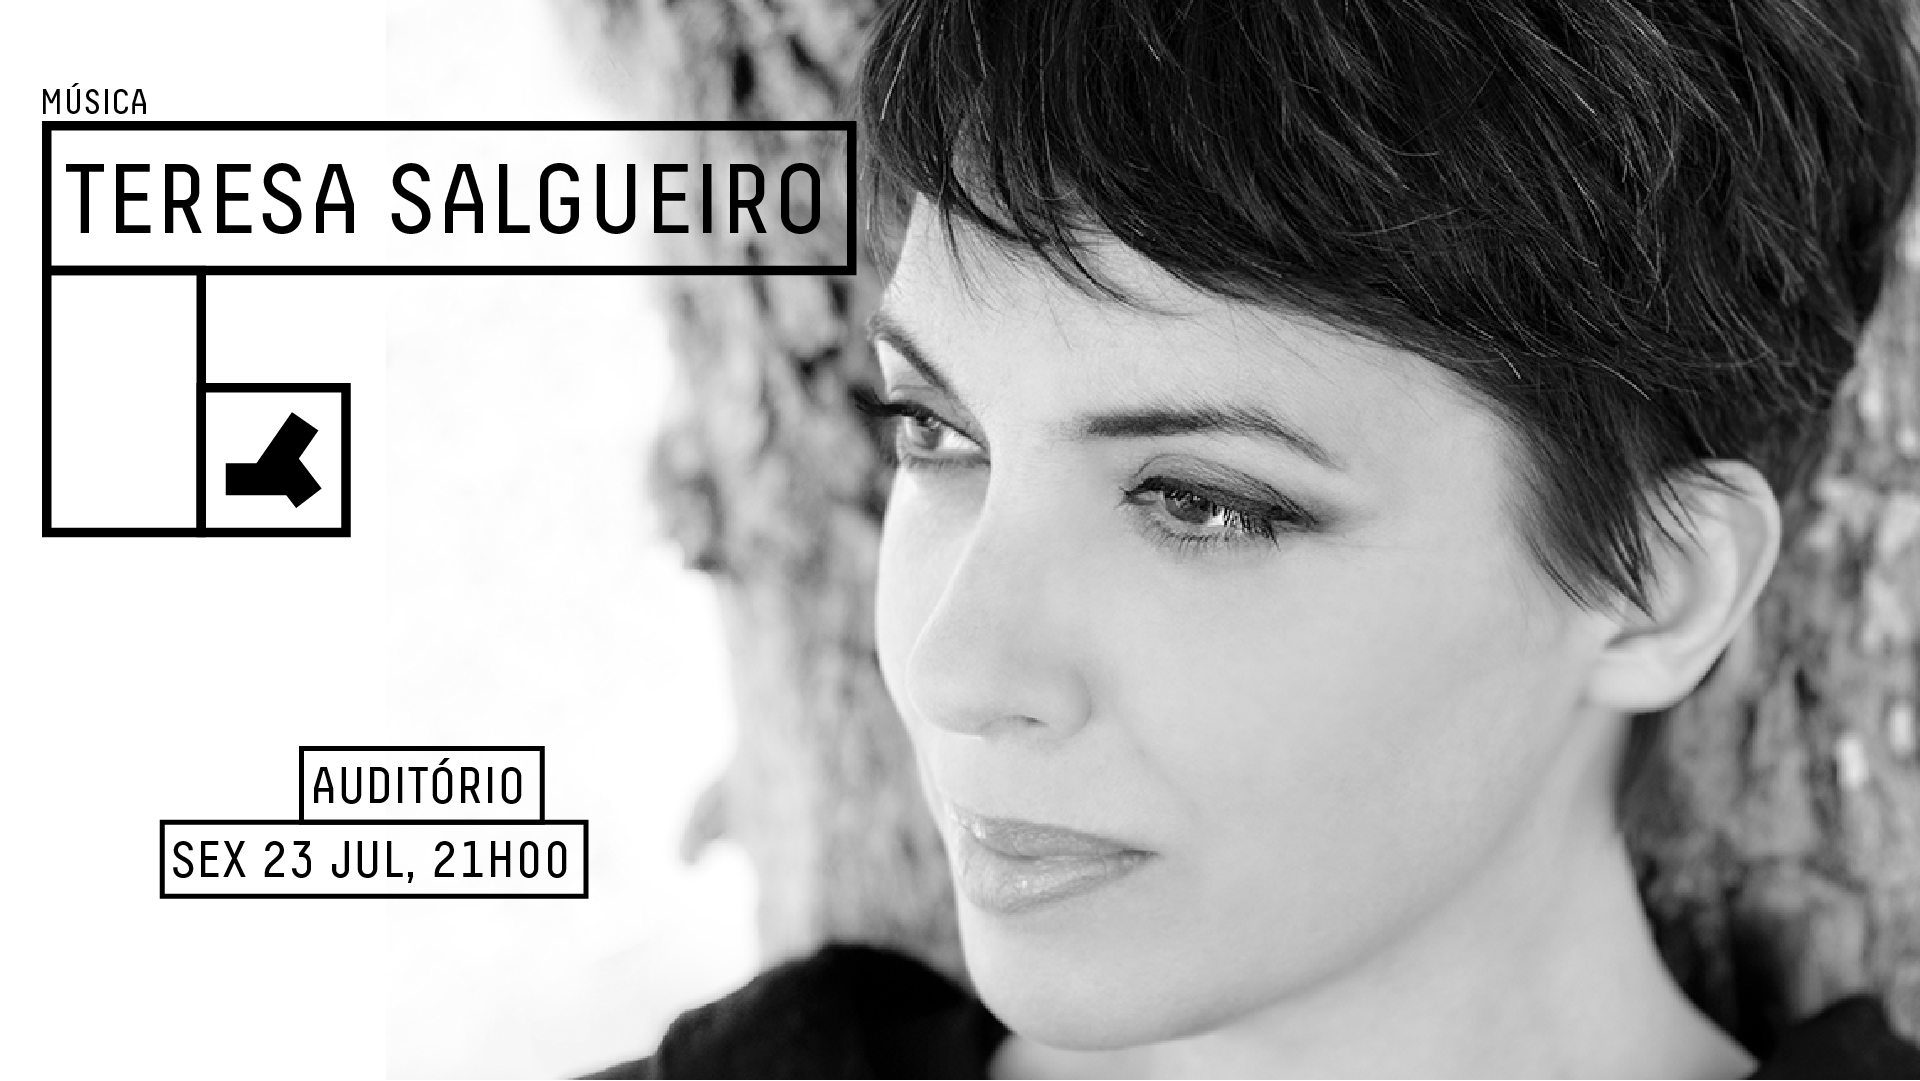 Teresa Salgueiro - Nova Data